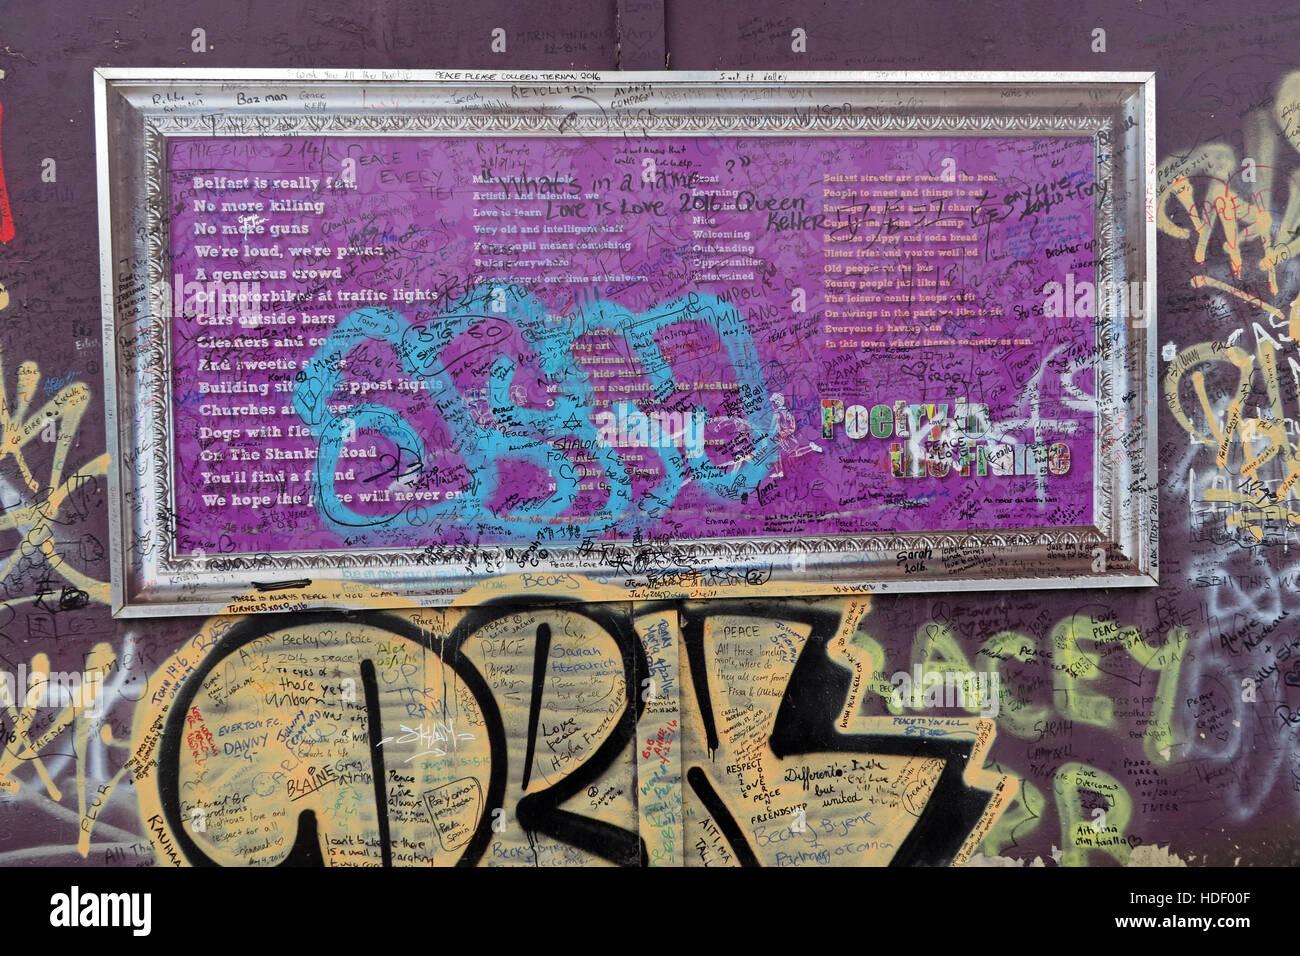 Laden Sie dieses Alamy Stockfoto Ablehnung der Poesie in der Frame - Belfast International Peace Wand Cupar Weg, West Belfast, NI, UK - HDF00F